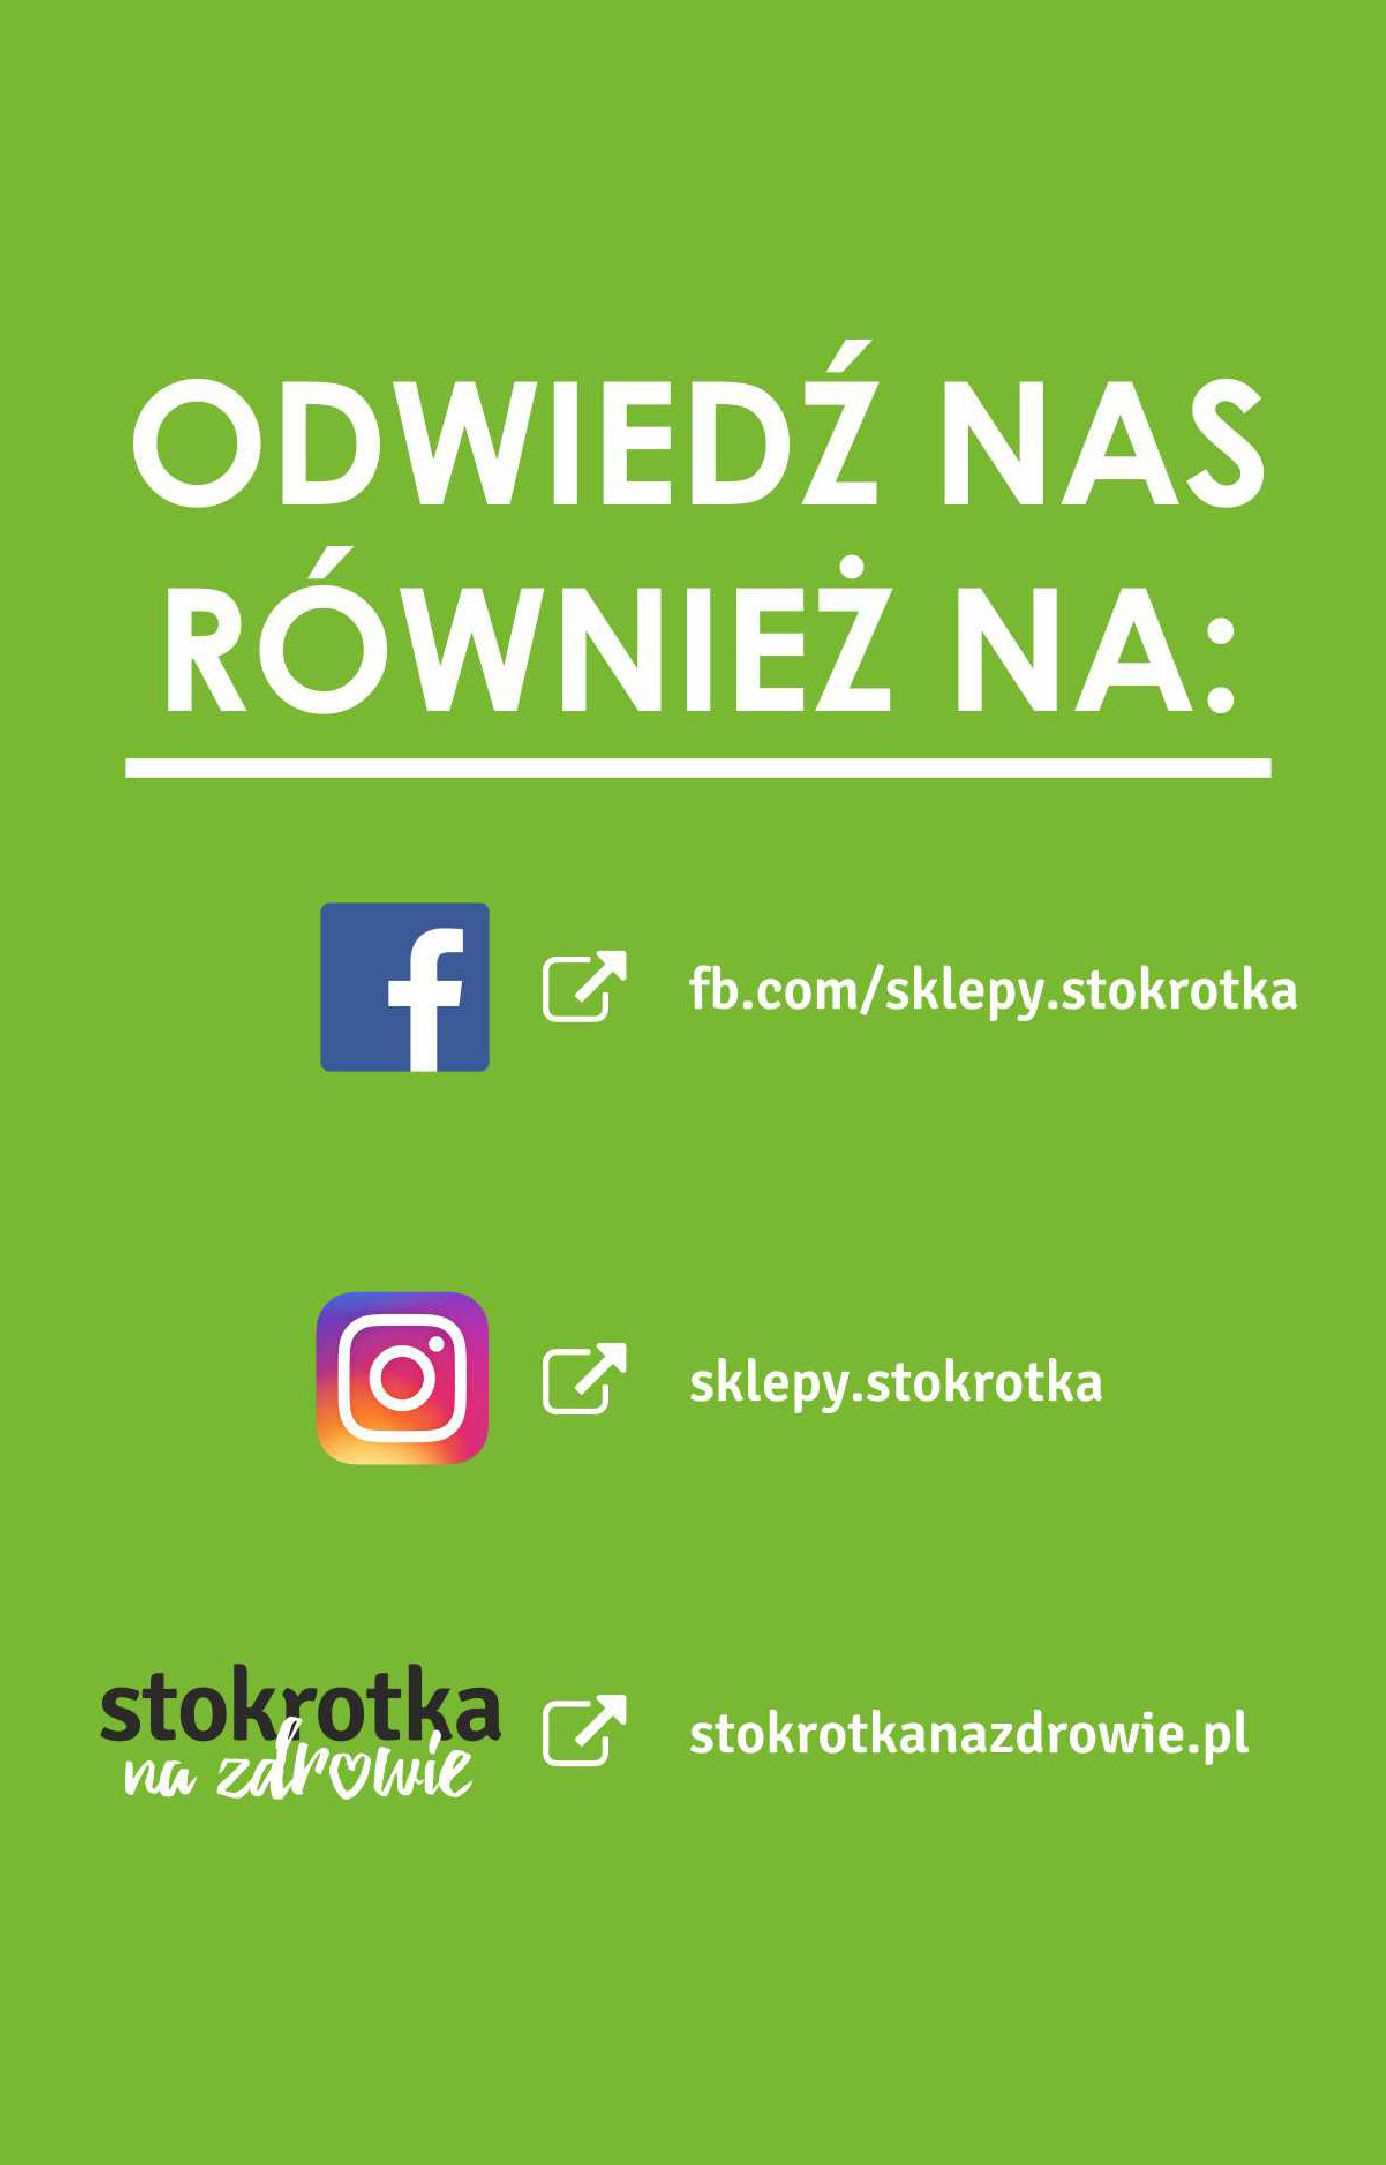 Gazetka Stokrotka Supermarket: Stokrotka Supermarket_IMPORTED_20210720130049 2021-07-22 page-21